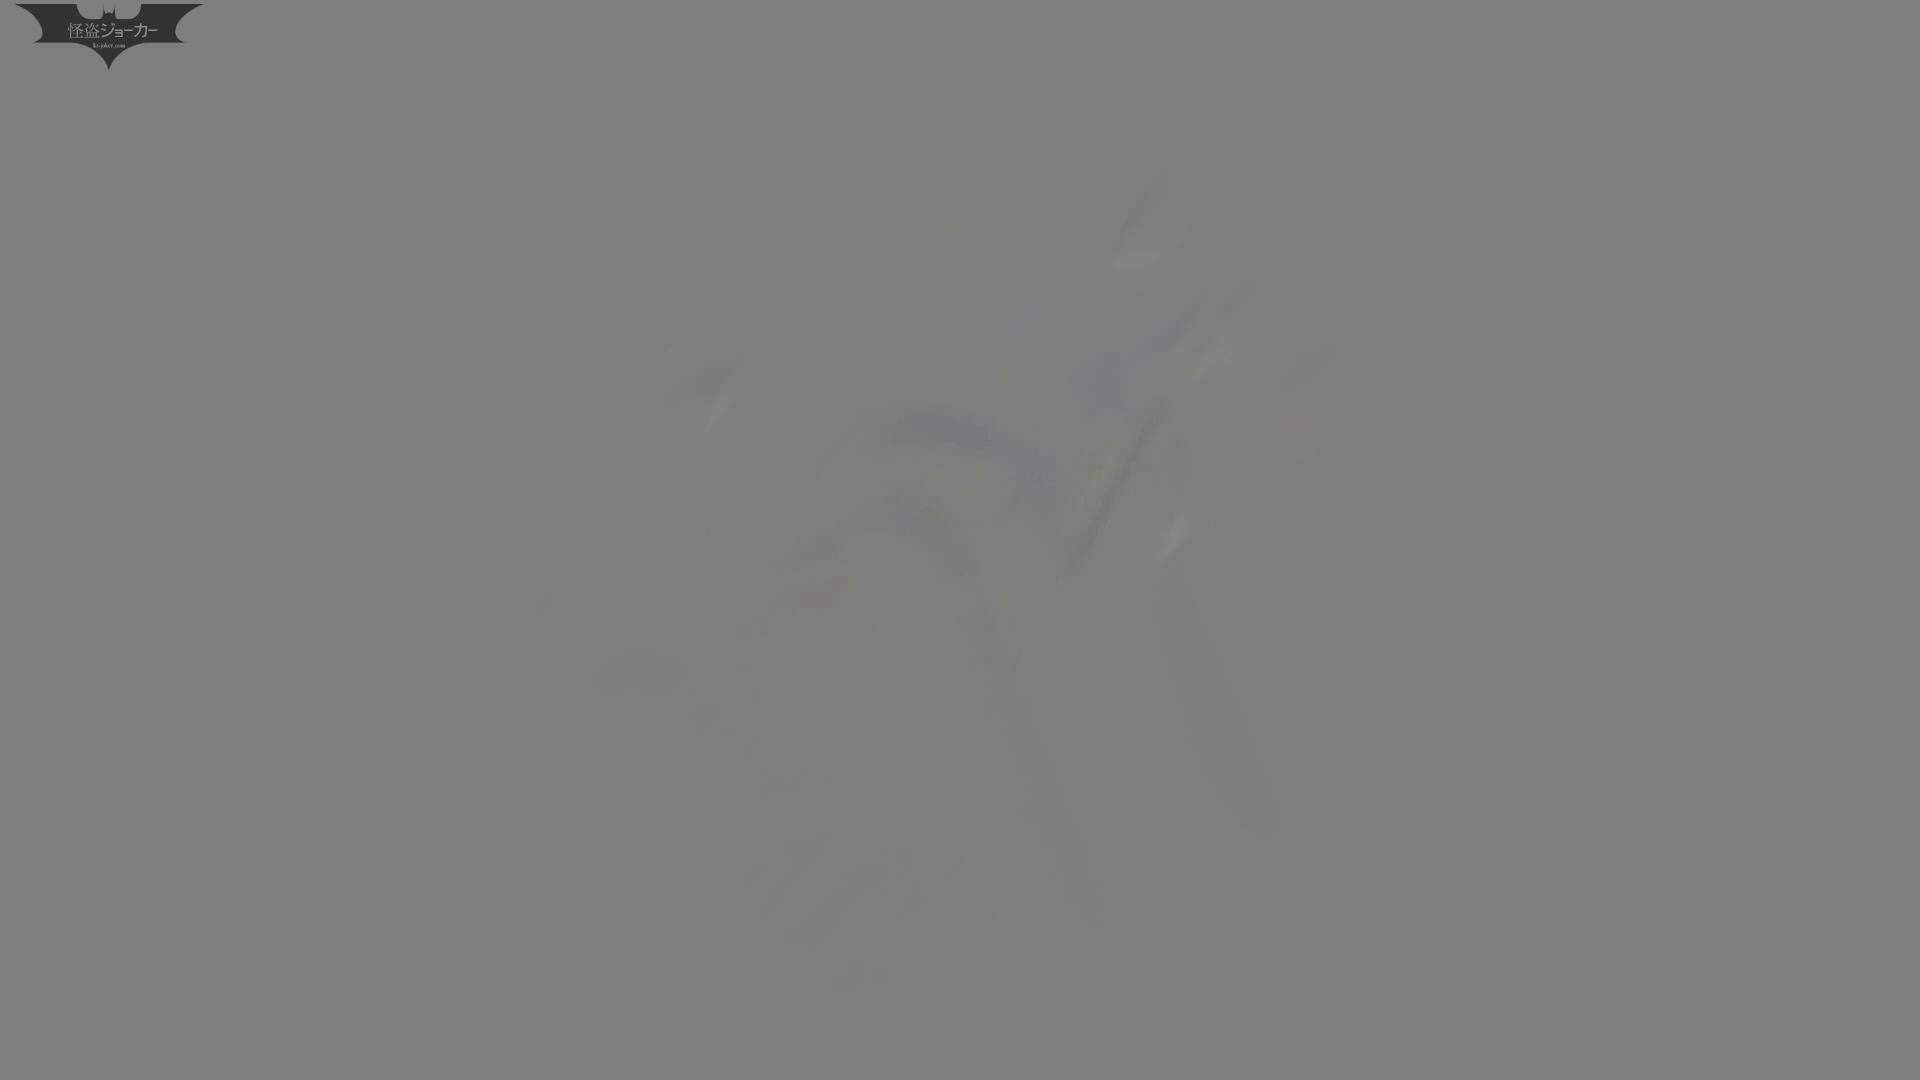 新世界の射窓 No68 洋式の腰の突き出し具合。エッロいです!! ギャル達 AV無料動画キャプチャ 99枚 12